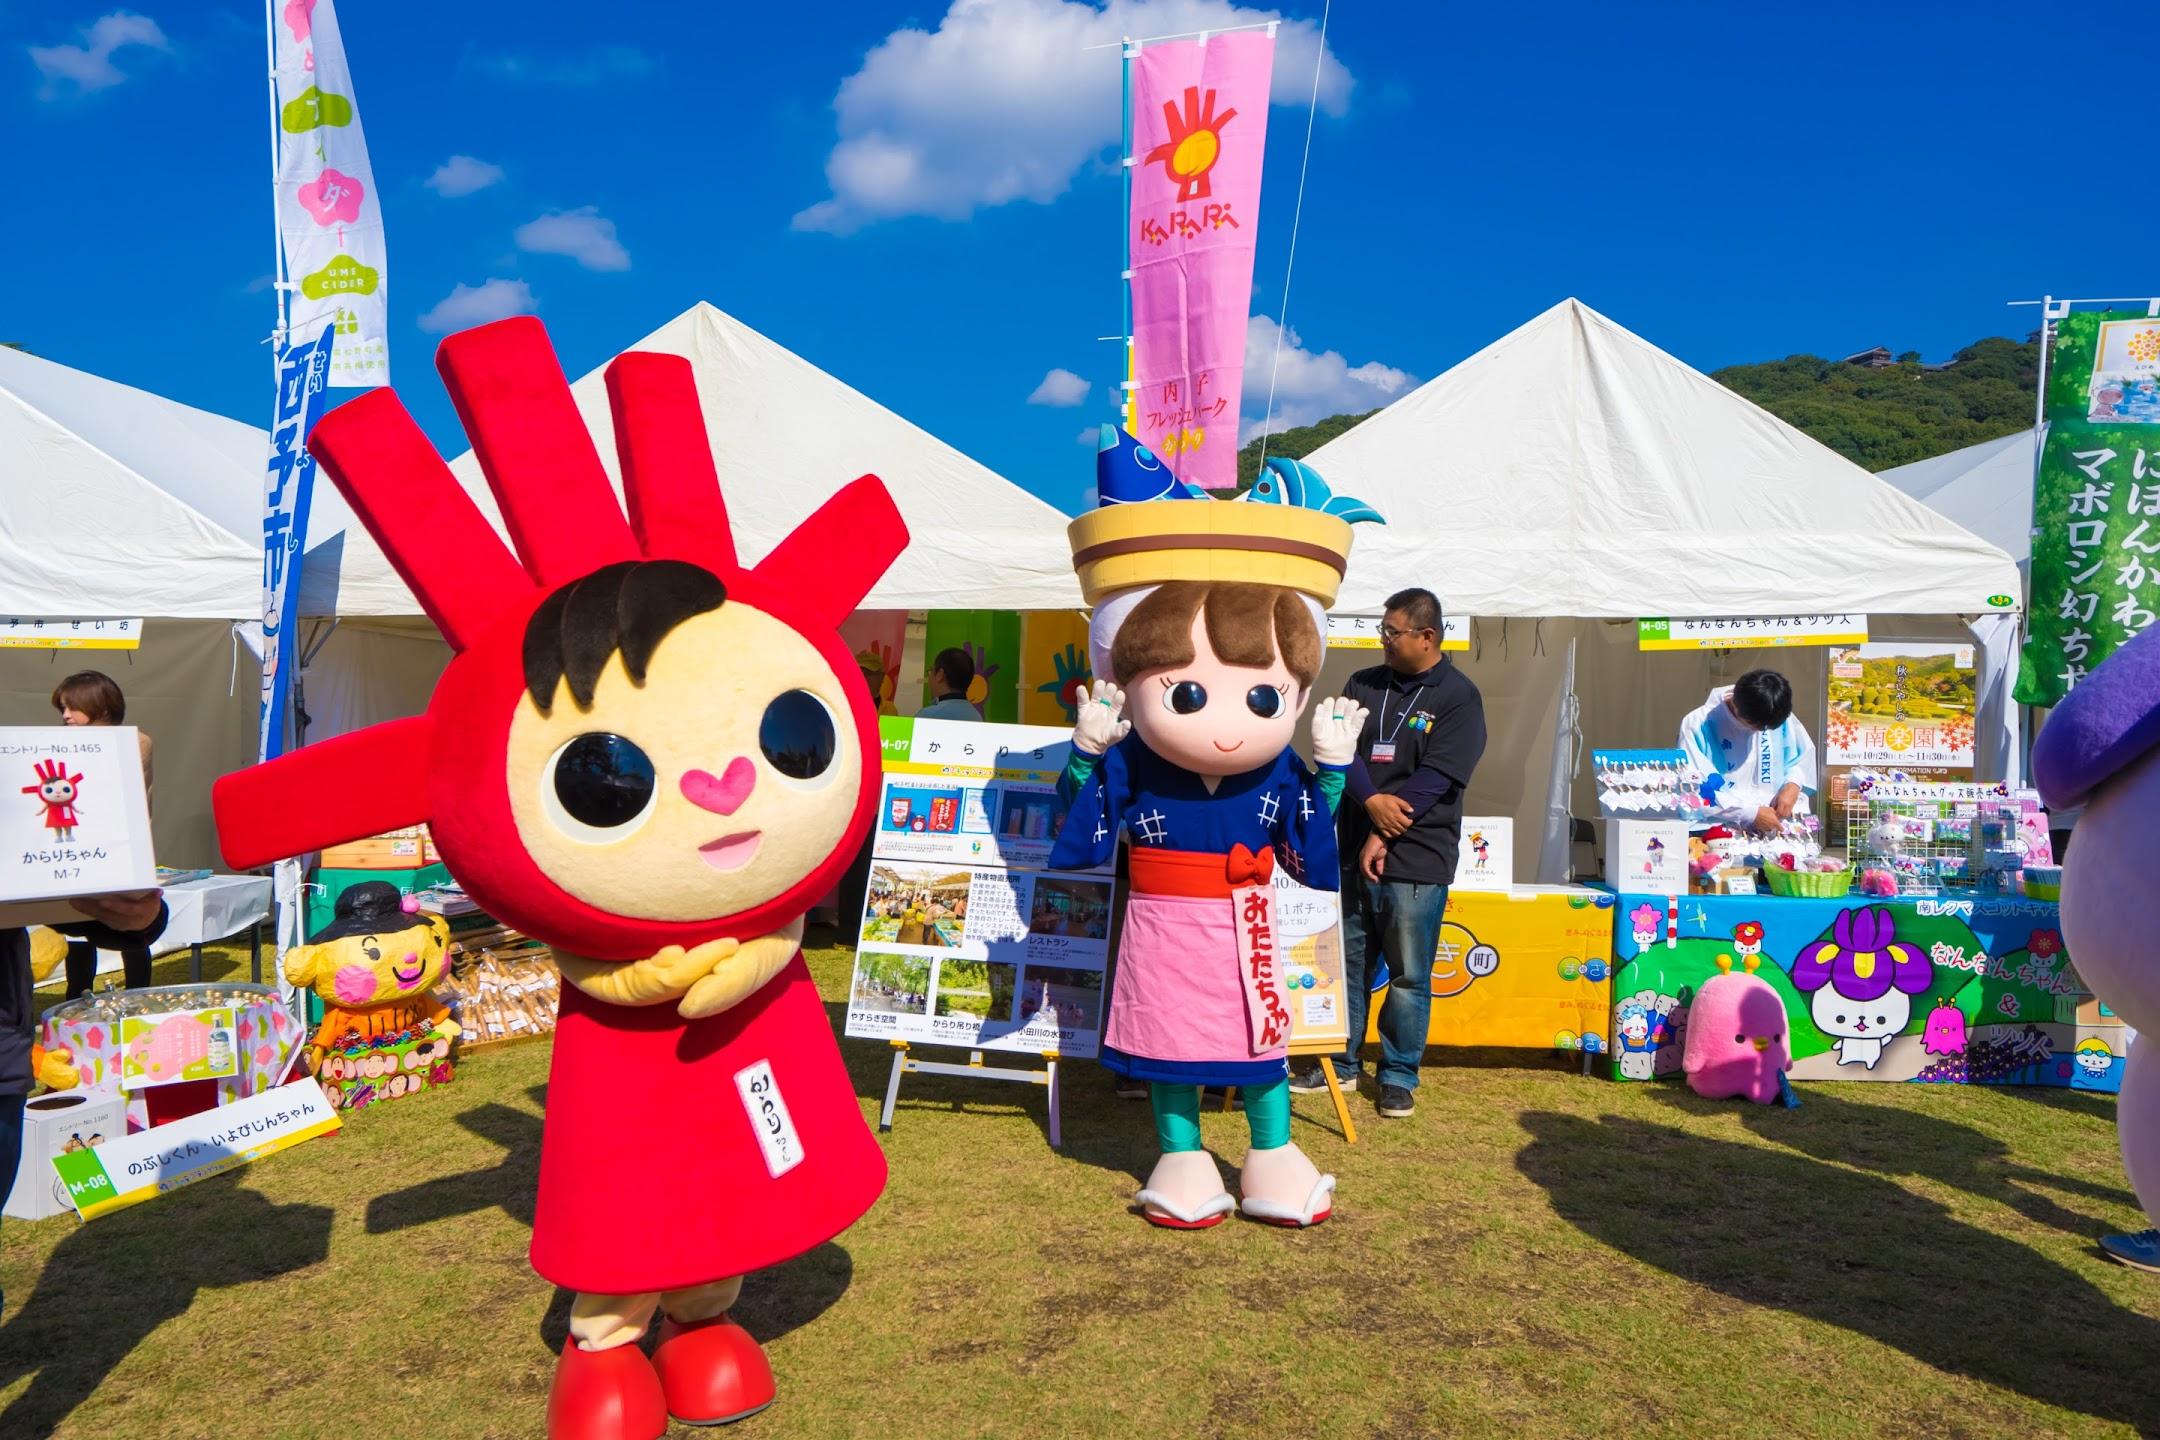 からりちゃん(道の駅「内子フレッシュパークからり」)とおたたちゃん(愛媛県松前町商工会)